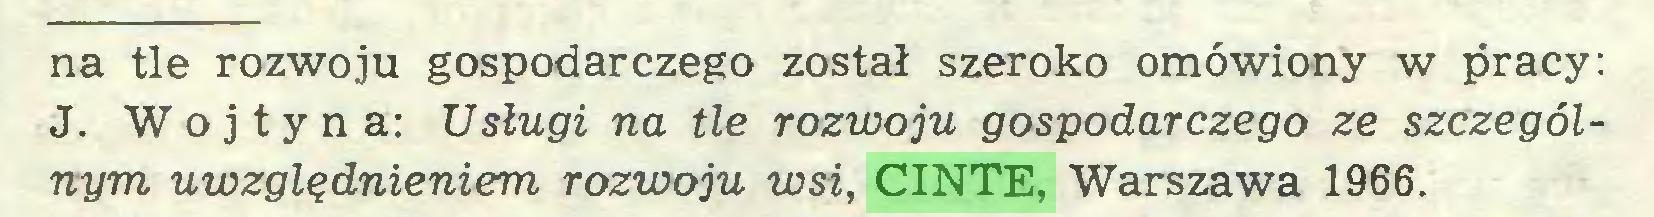 (...) na tle rozwoju gospodarczego został szeroko omówiony w pracy: J. Woj ty na: Usługi na tle rozwoju gospodarczego ze szczególnym uwzględnieniem rozwoju wsi, CINTE, Warszawa 1966...